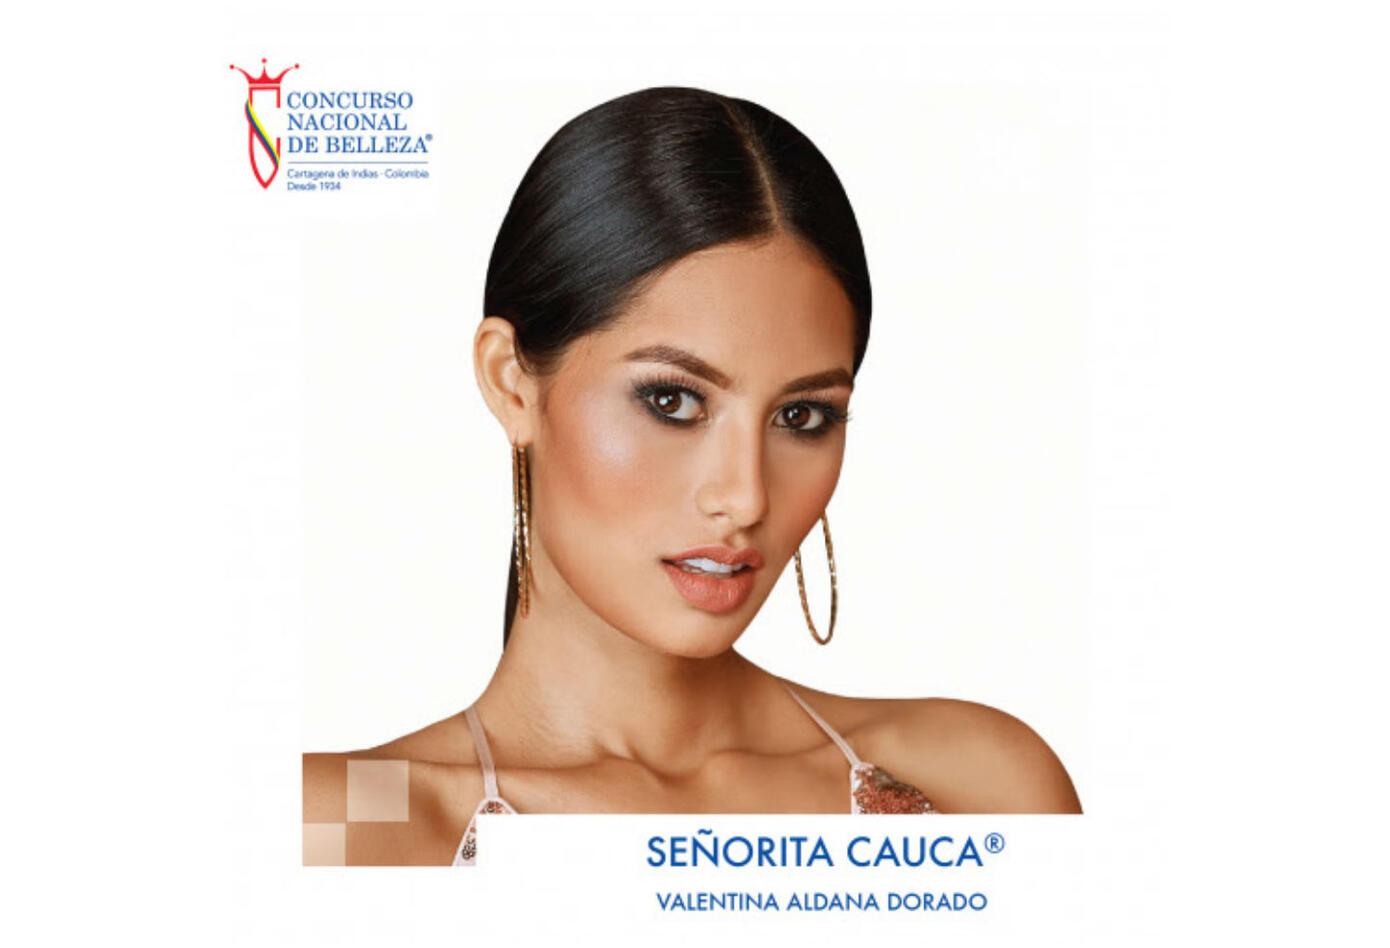 Valentina Aldana, Señorita Cauca 2019